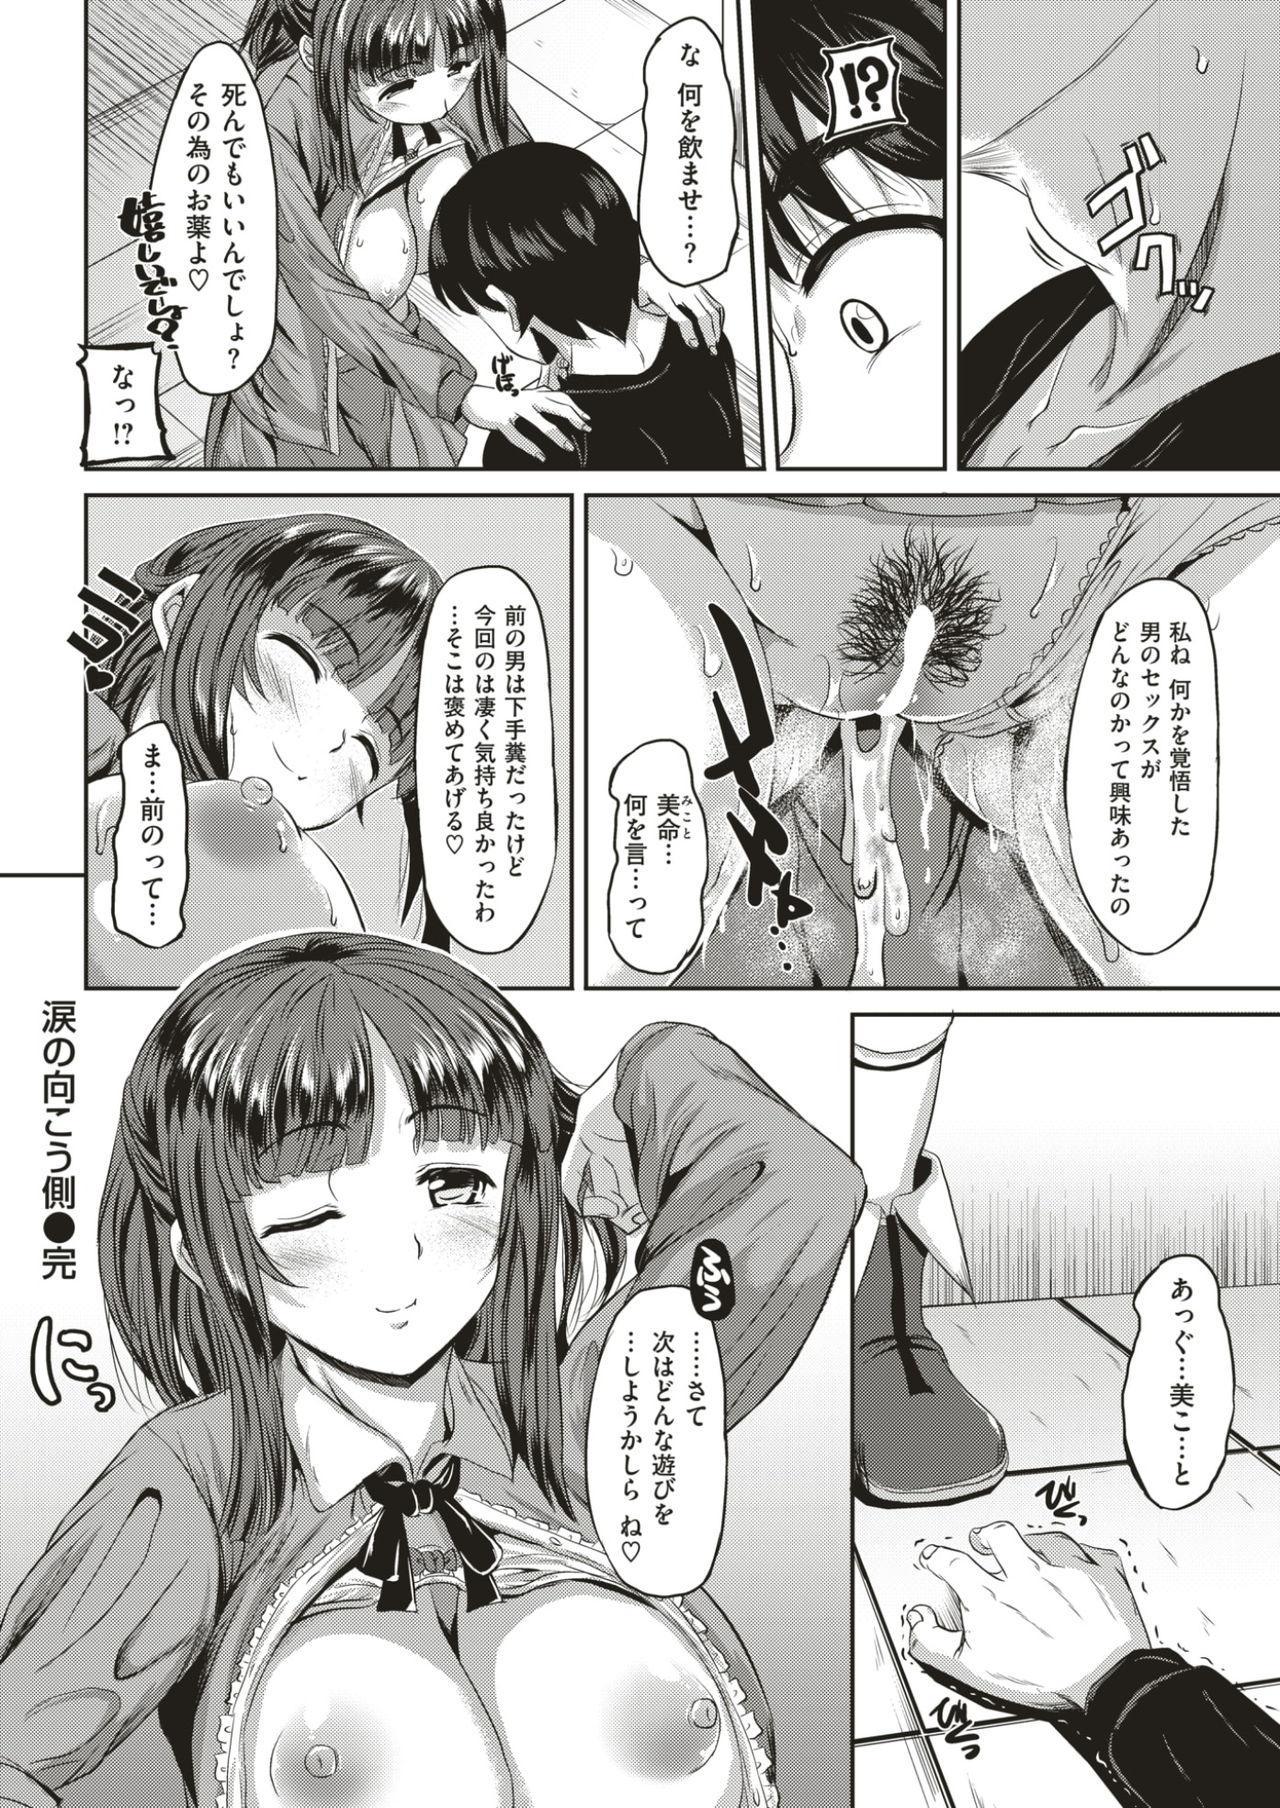 COMIC Kairakuten BEAST 2017-03 288